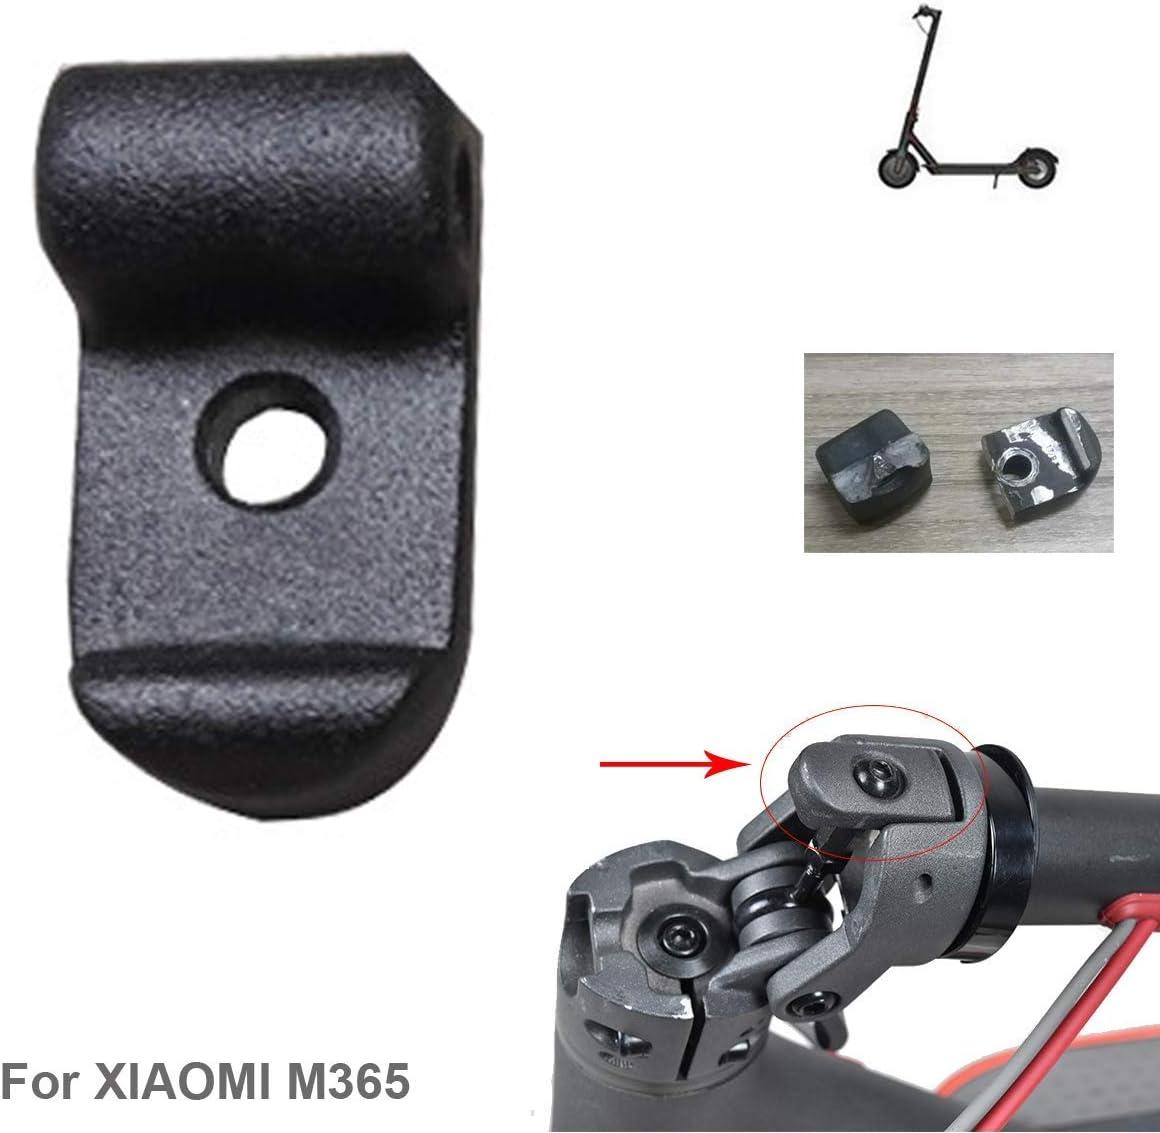 Flycoo bisagra Gancho Hebilla de la Cerradura de la Aleta Plegable Conjunto de Bucle para XIAOMI M365 electrónico Vespa Piezas de Repuesto Parte accesoria